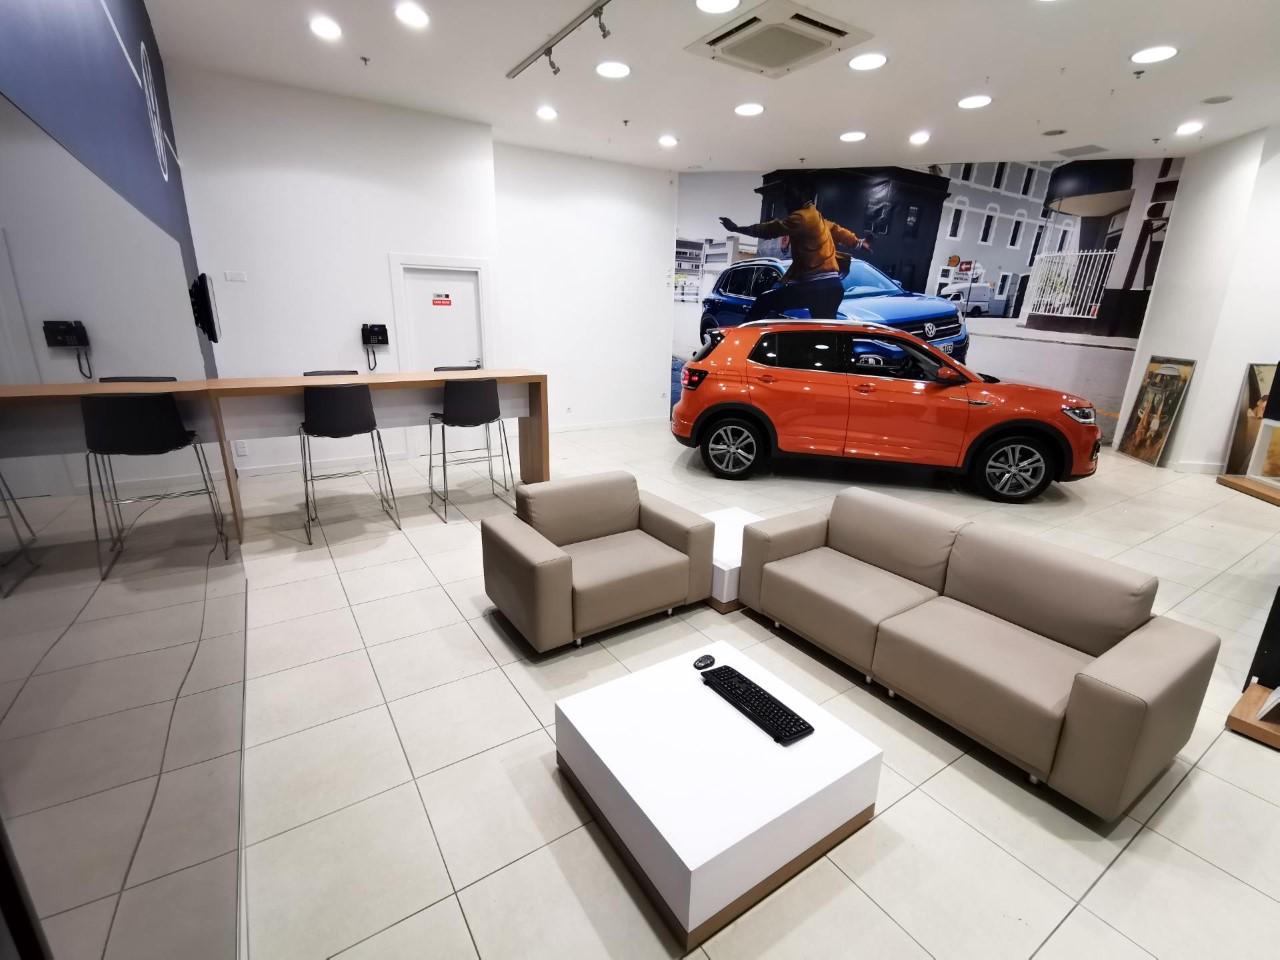 Pandora inaugure une nouvelle boutique à Perpignan | Le Journal ...